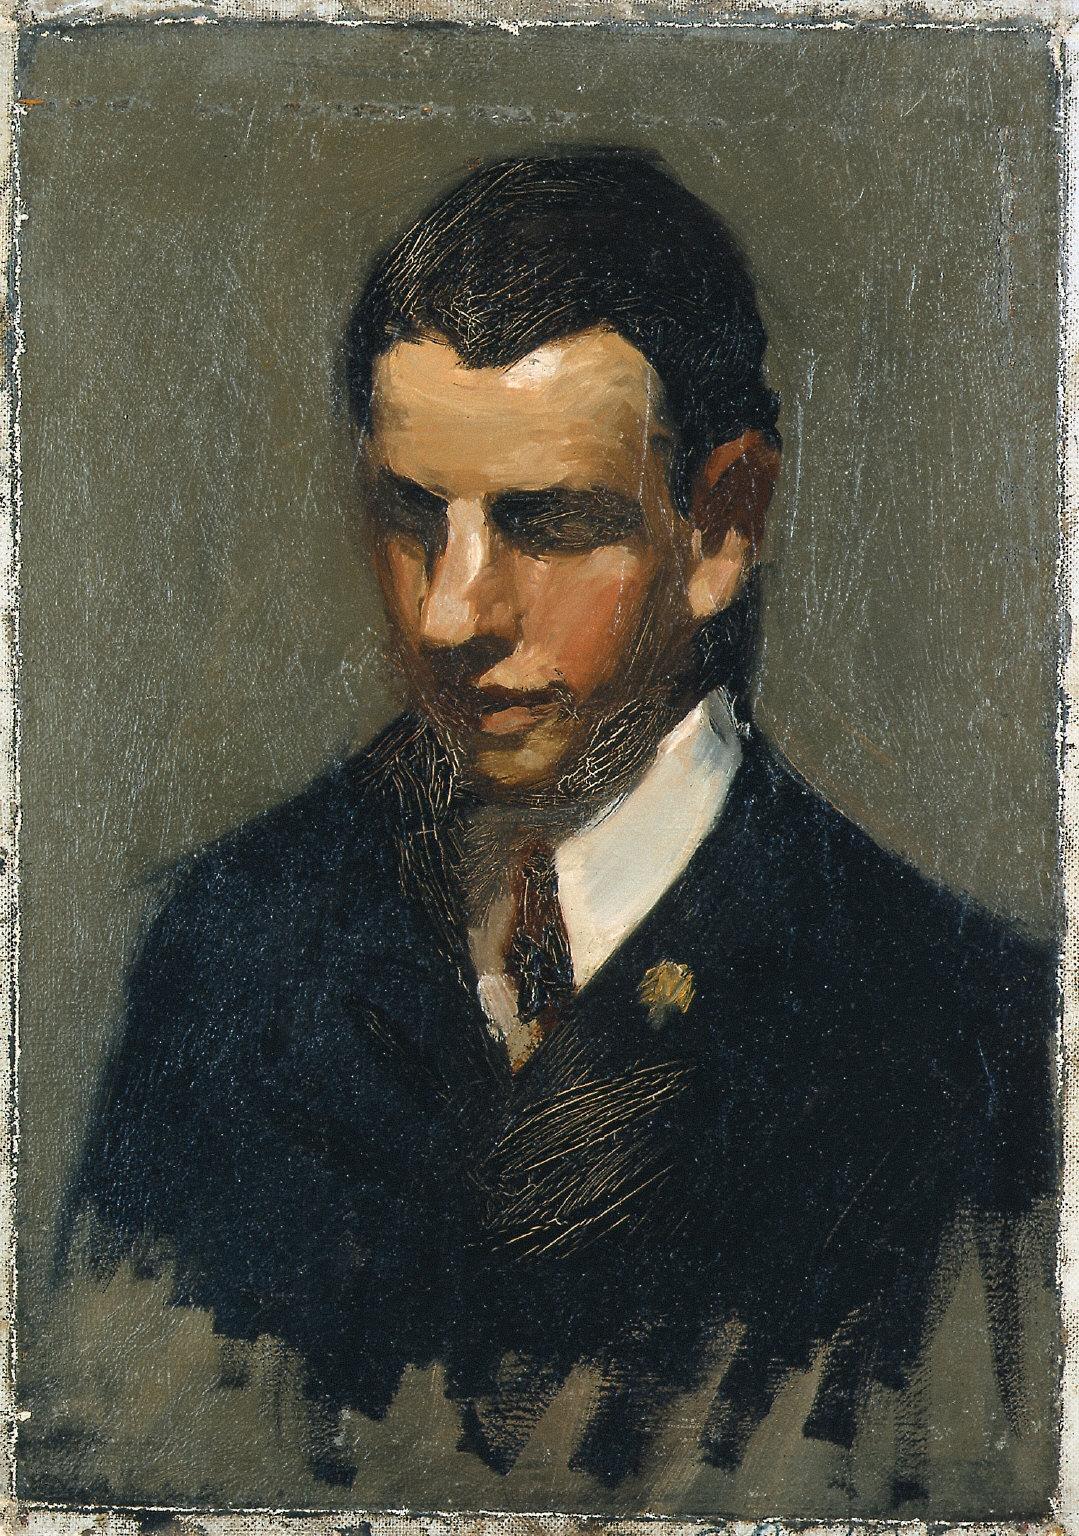 (Portrait of a Man)